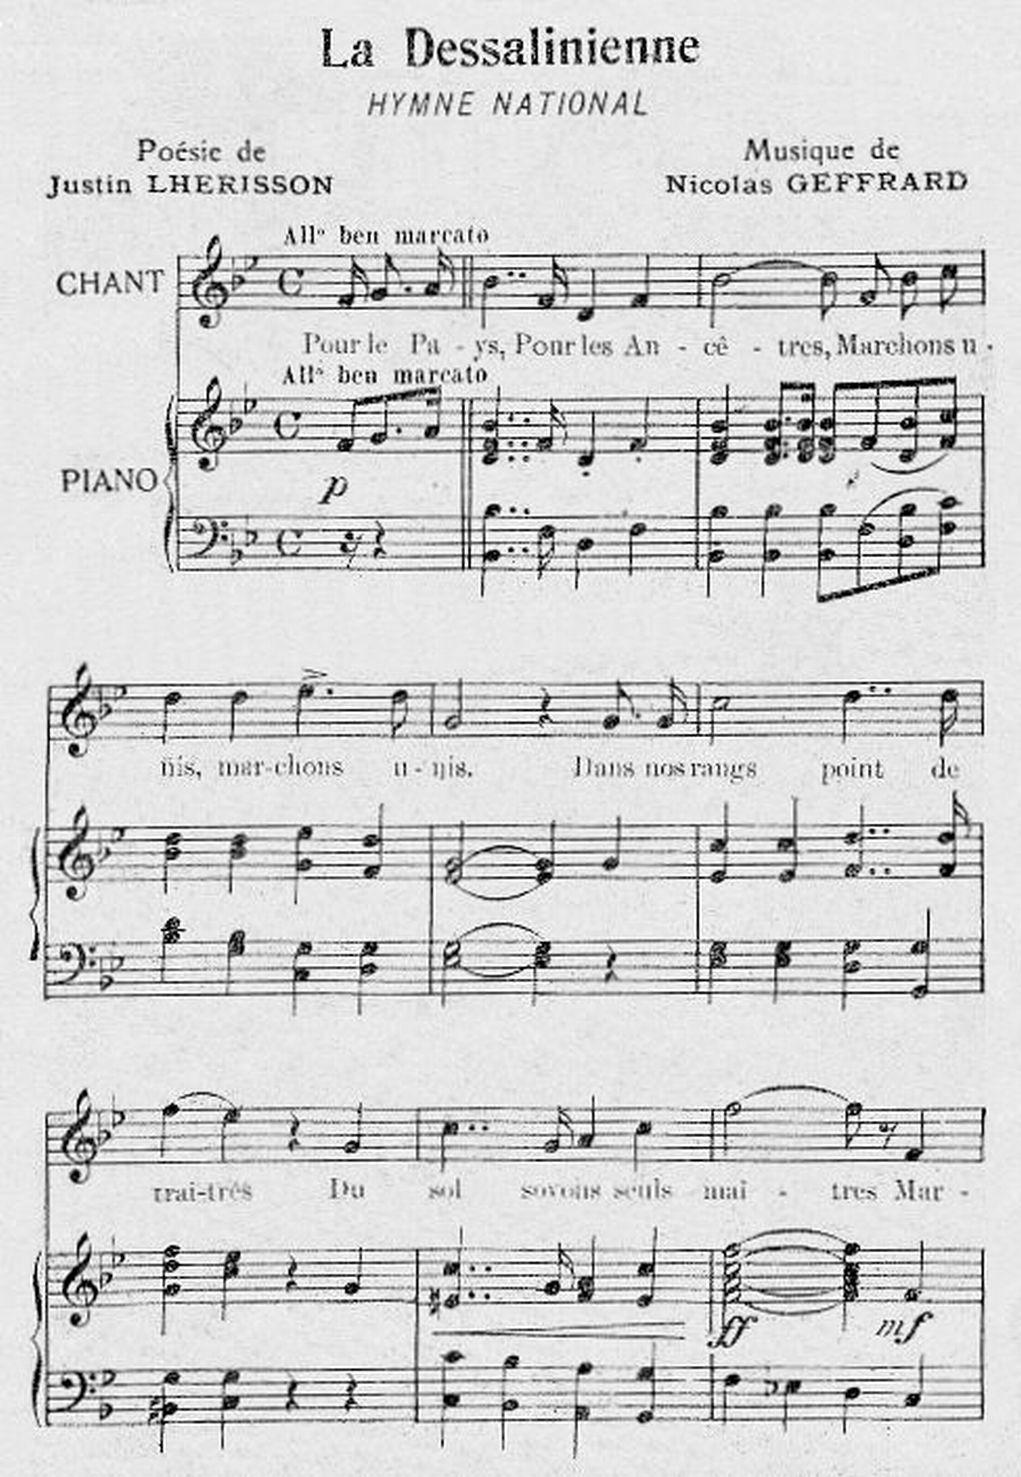 National anthem of haiti lyrics